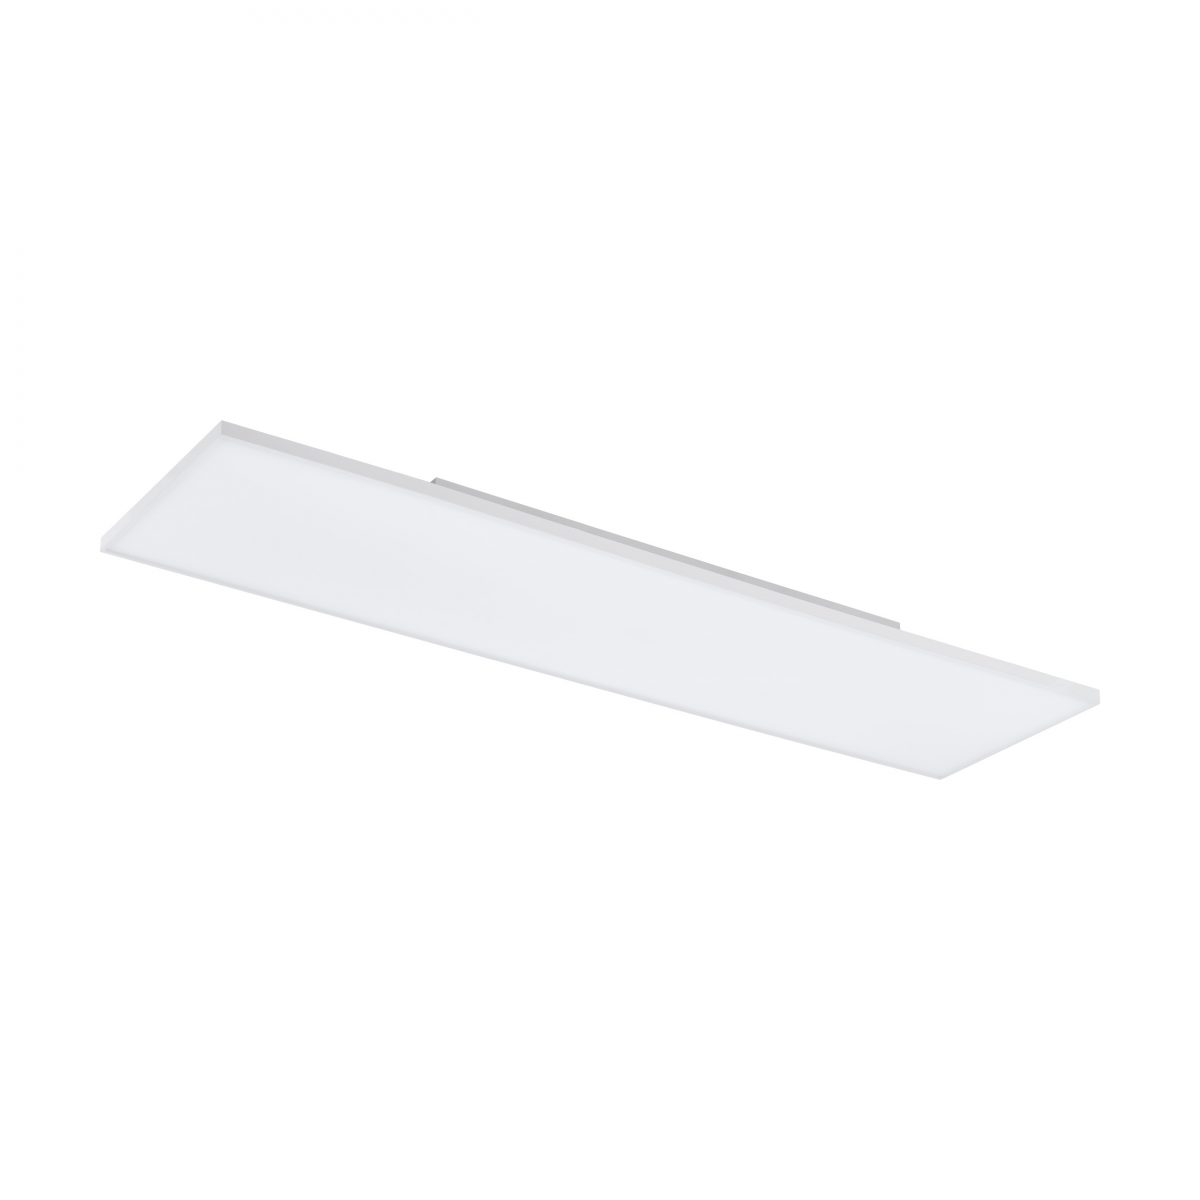 Світильник настінно-стельовий TURCONA EGLO 98478 - Фото №28